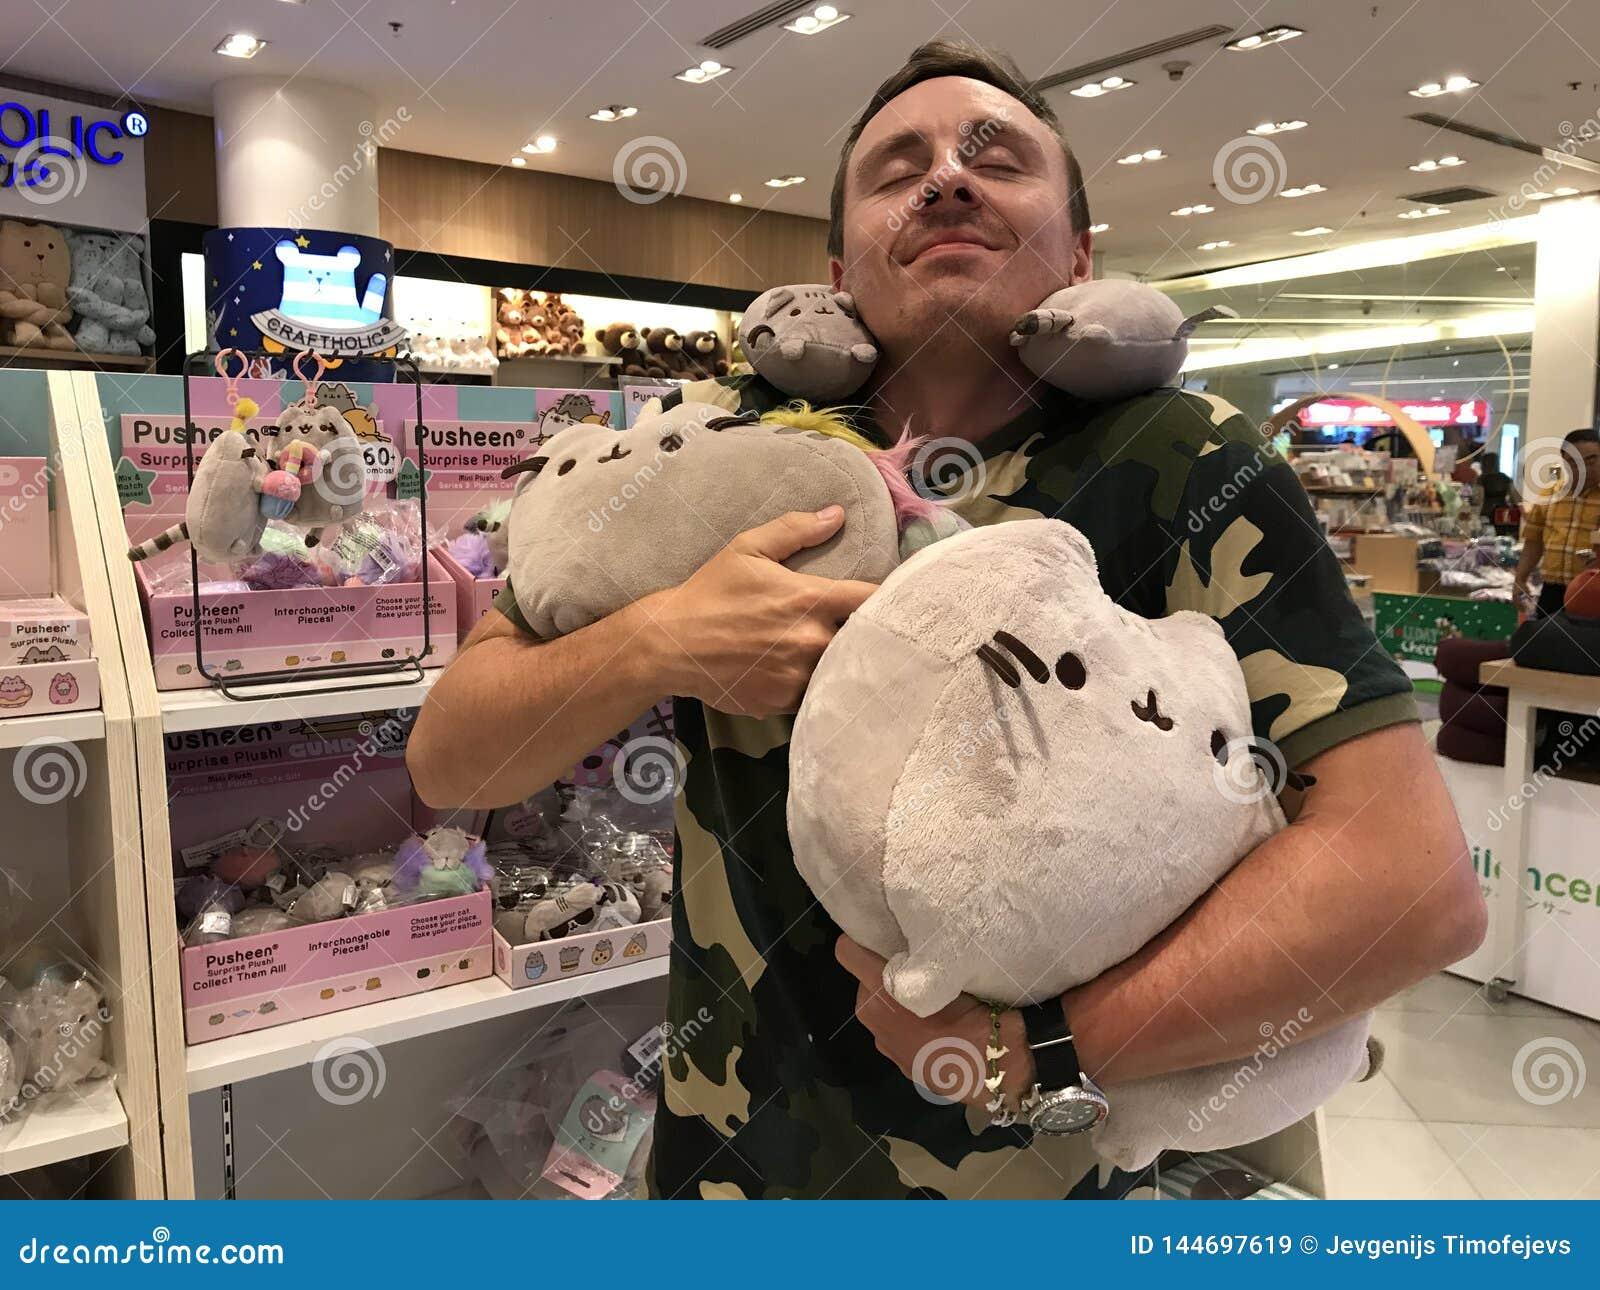 BANGKOK, THAILAND - APRIL 16, 2018: Man enjoys Pusheen plush cat toys in asia